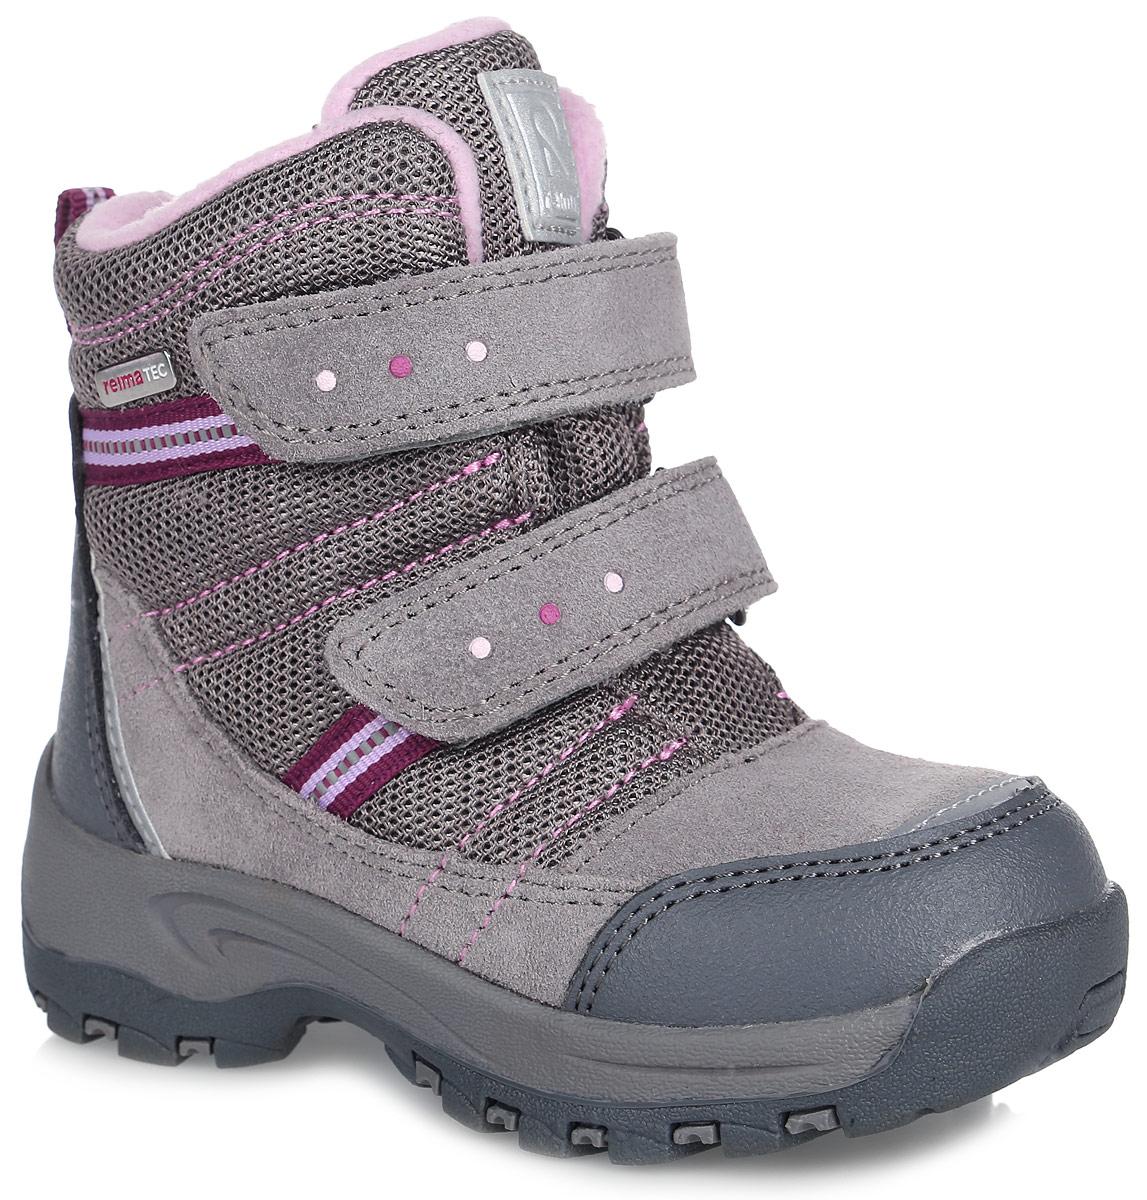 569289-9390Удобные и модные детские ботинки Reimatec Visby от Reima - отличная модель для повседневной носки! Верх модели выполнен из плотного текстиля, натуральной замши и искусственной кожи. Обувь оформлена контрастной прострочкой, металлической пластиной с гравировкой названия бренда и логотипом бренда на заднике и язычке. В ботинках от Reima дети могут бегать и прыгать по слякоти и снегу и гарантированно останутся сухими за счет водонепроницаемой конструкции и подкладки с запаянными швами. Подкладка выполнена из искусственного меха и байки в верхней части изделия, что позволит сохранить ноги в тепле. Мягкая стелька комфортна при ходьбе. Два ремешка на застежках-липучках надежно фиксируют модель на ноге. Ярлычок на заднике облегчает надевание обуви. Светоотражающие детали обеспечивают дополнительную безопасность в темное время суток. Резиновая подошва с протектором обеспечивает отличное сцепление с любой поверхностью. Удобные ботинки придутся по душе вам и вашему...